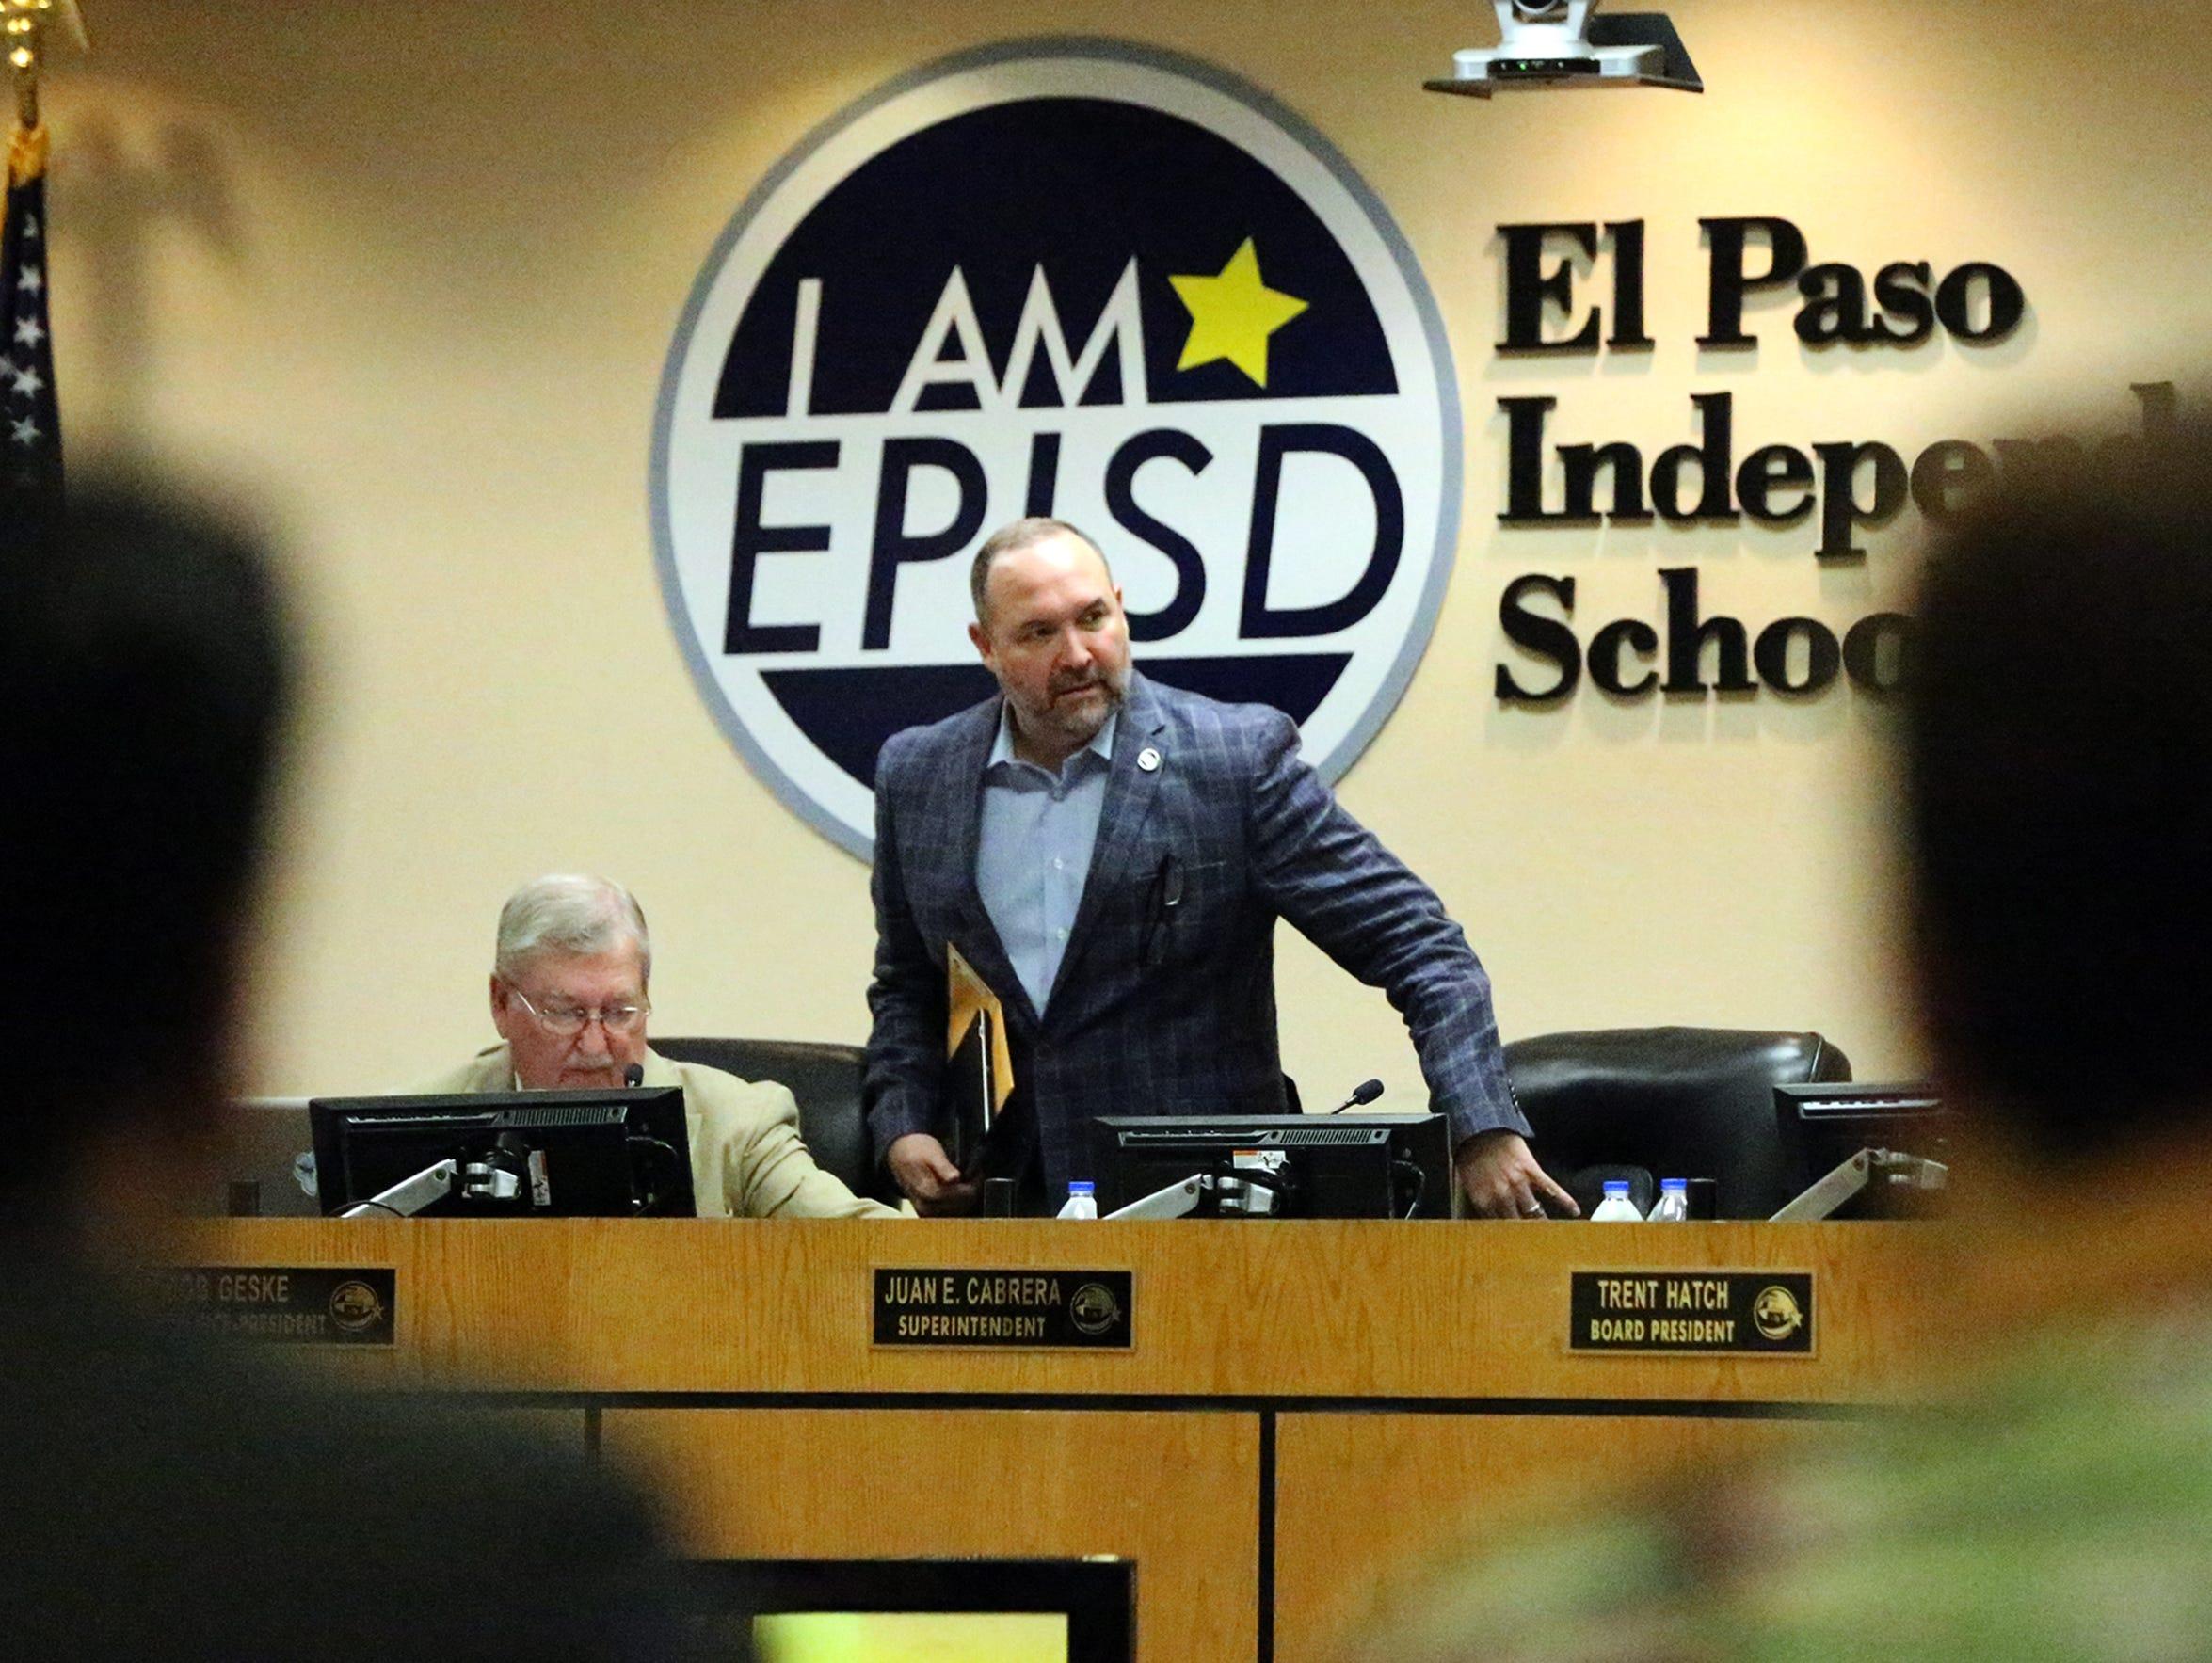 El Paso Independent School District Superintendent